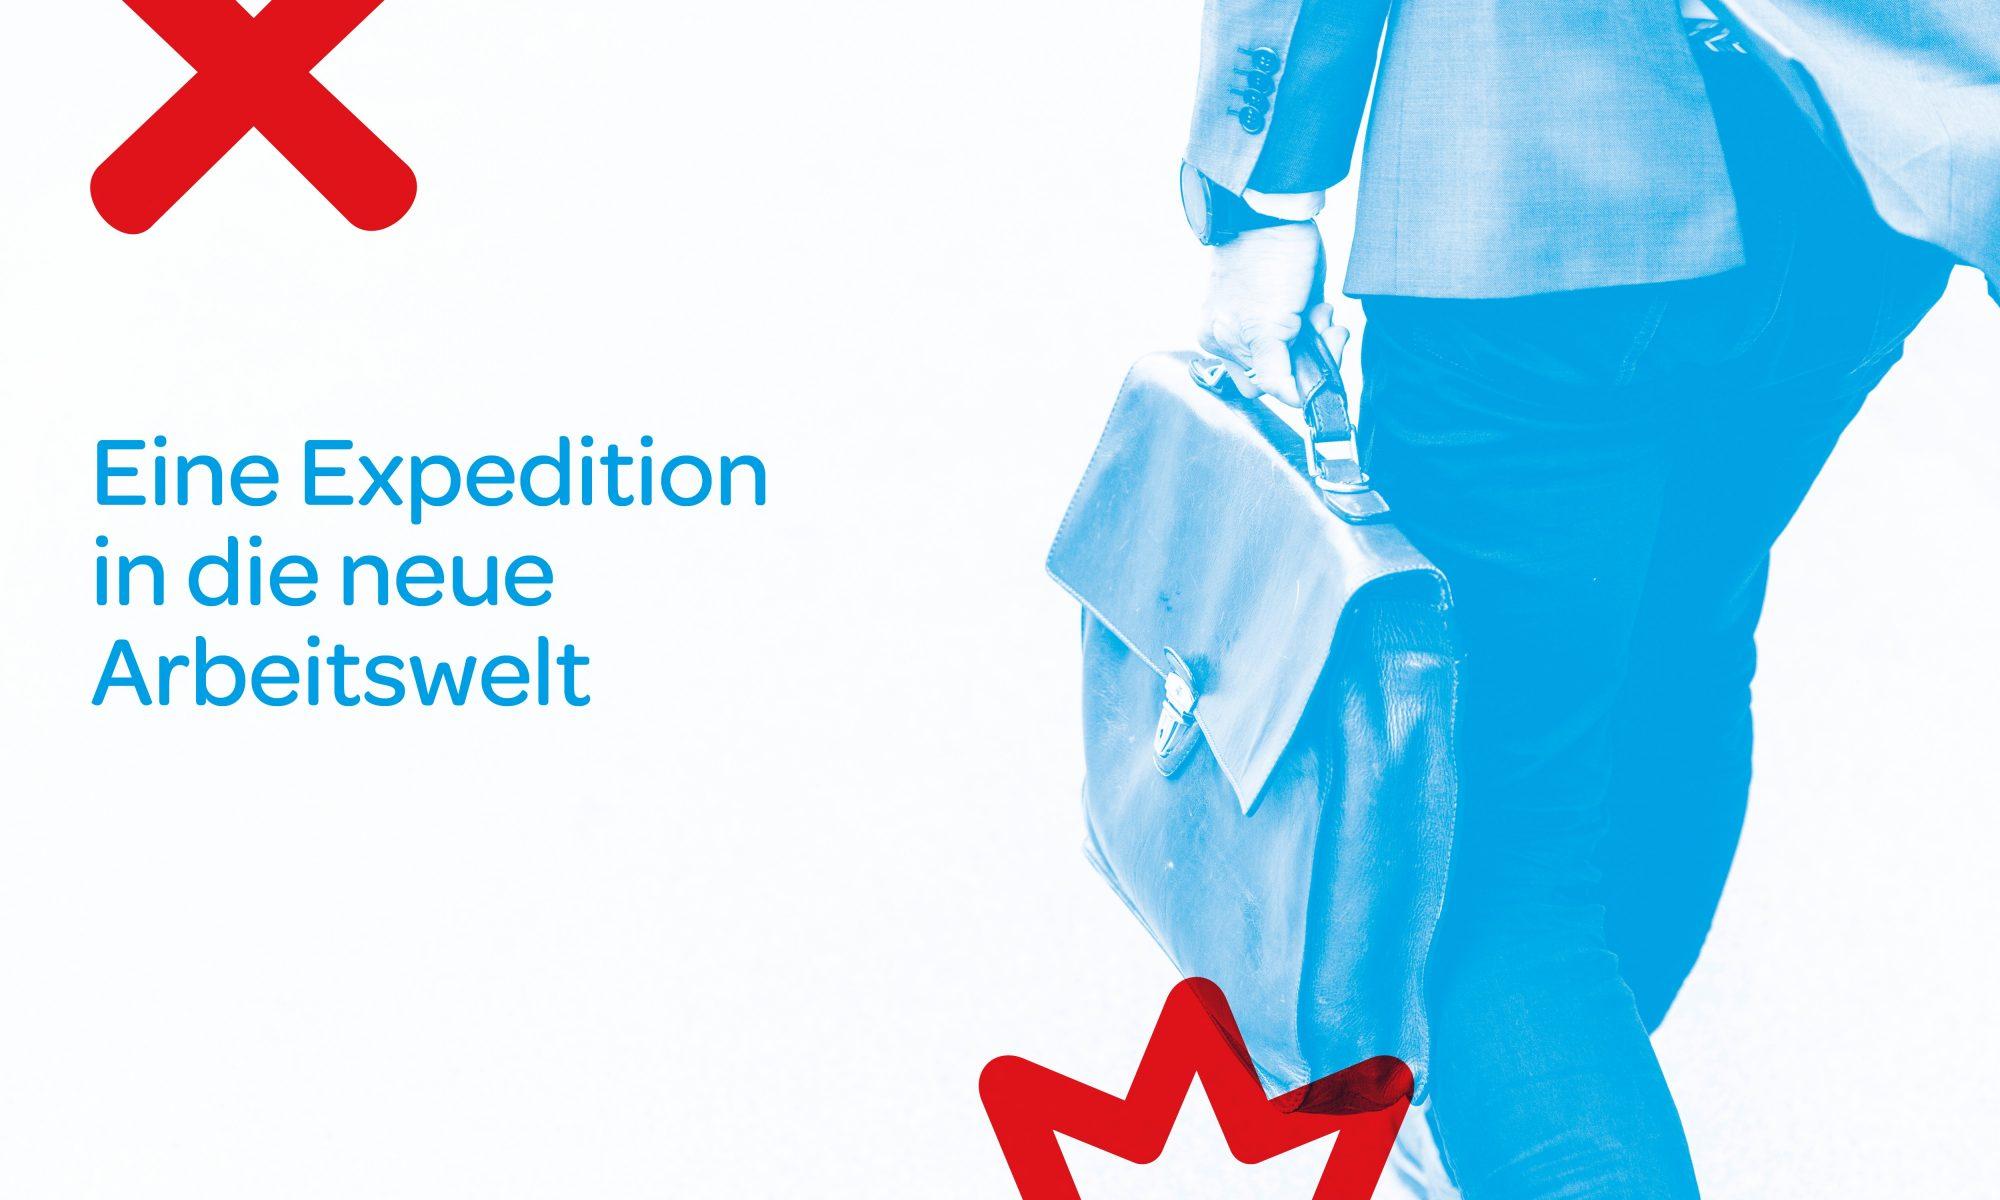 """Keyvisual von """"Expedition in die neue Arbeitswelt"""" (Bildquelle: Innovationsteam Chiffre Zukunft)"""